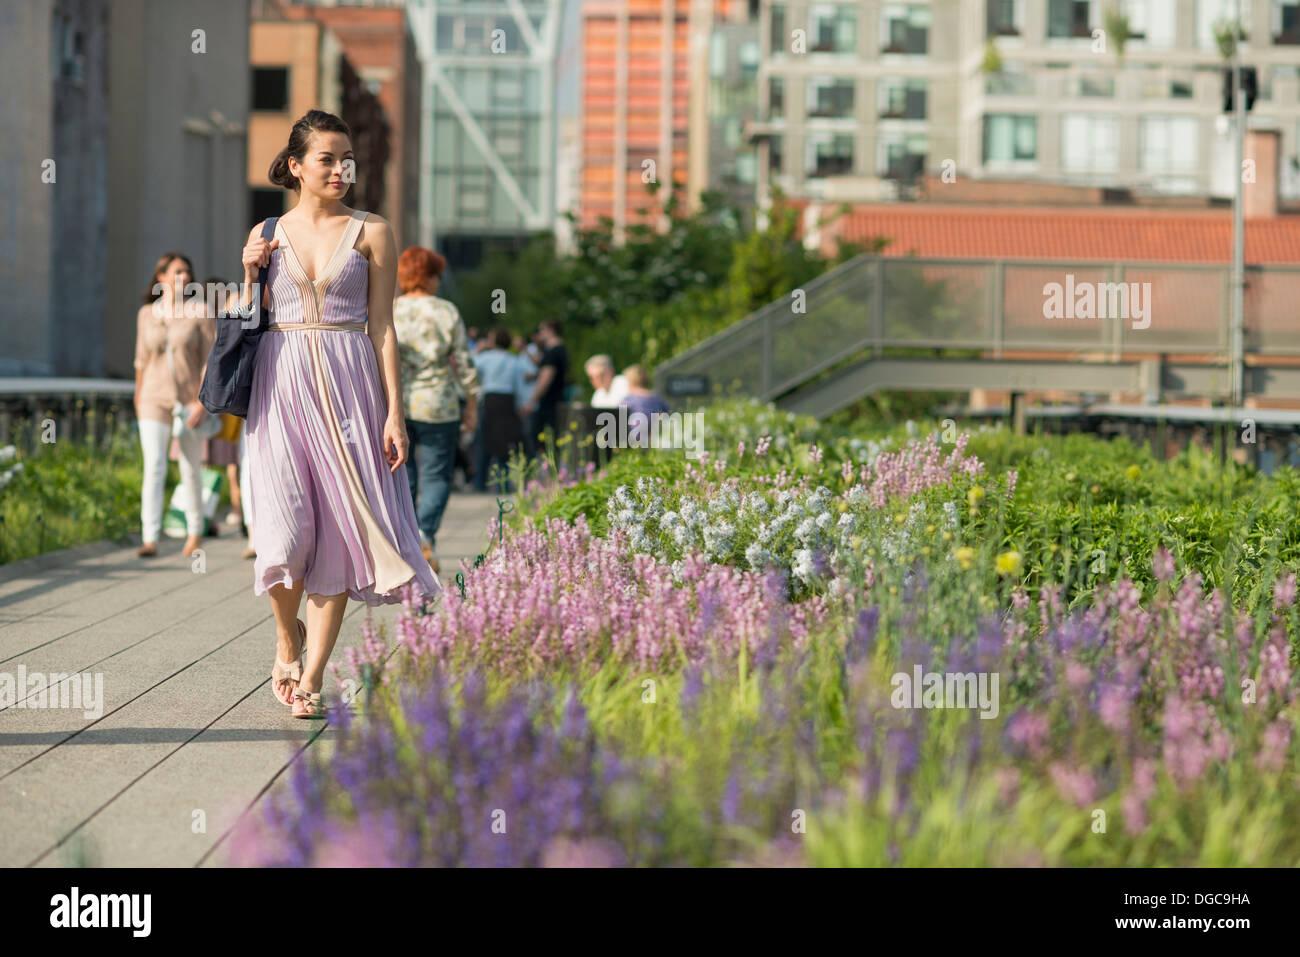 Mitte Erwachsenen Frauen zu Fuß durch High Line Park in New York City Stockbild